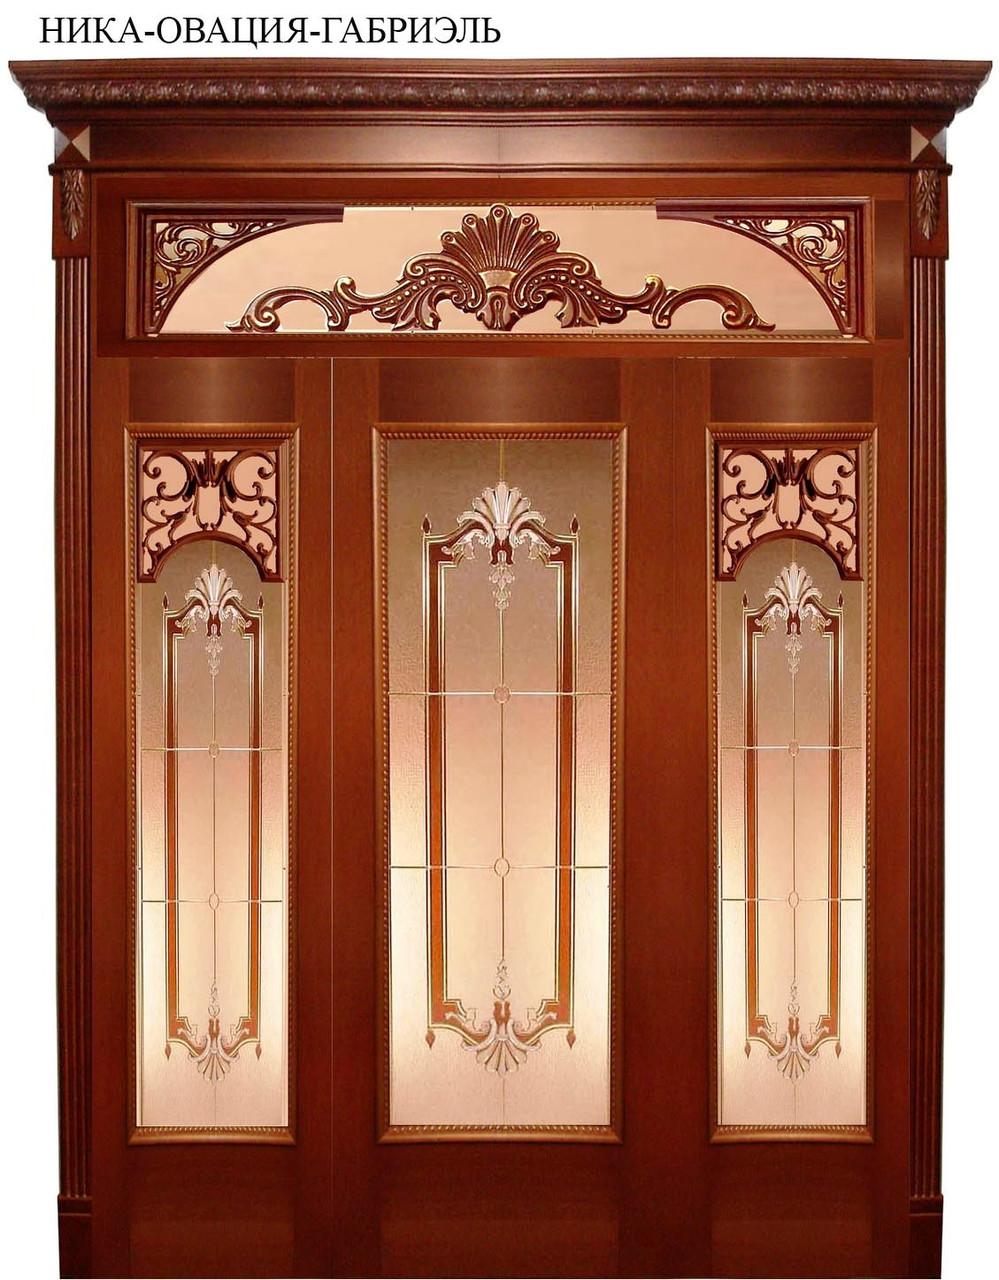 Изготовление дверных доборов (дверных откосов, порталов)